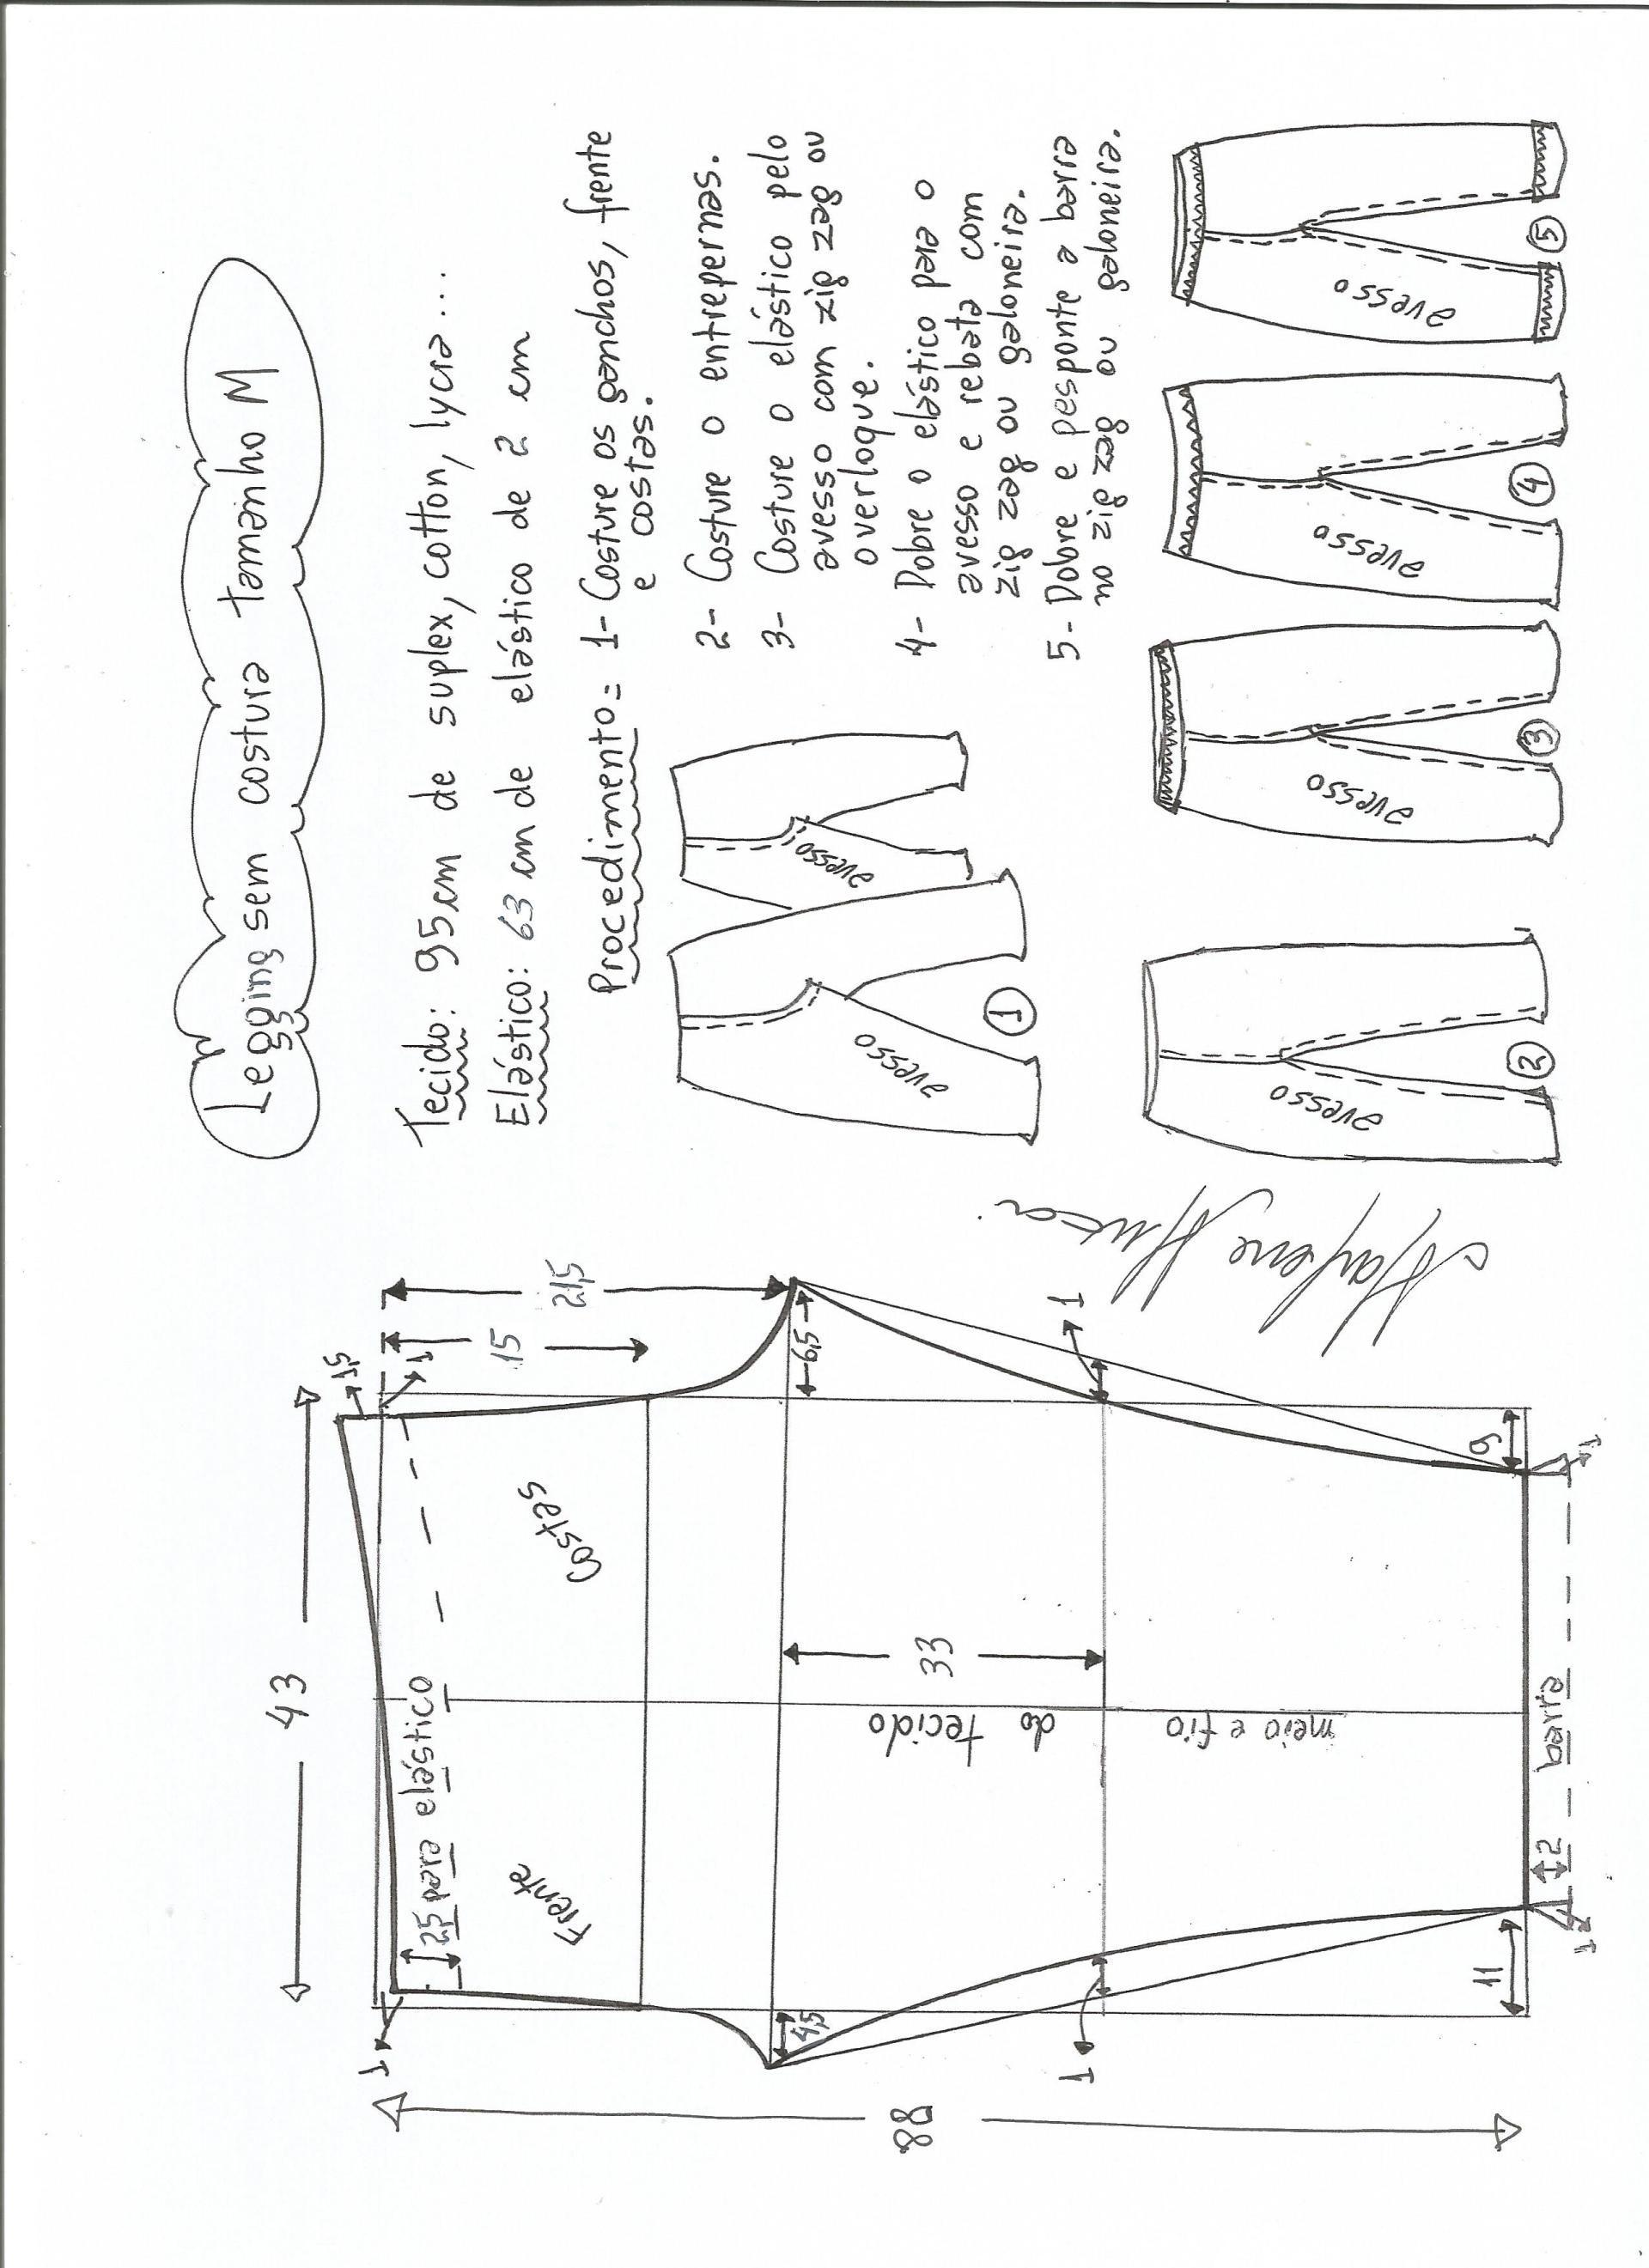 Patrón de legging sin costura lateral | Patrones, Costura y Molde